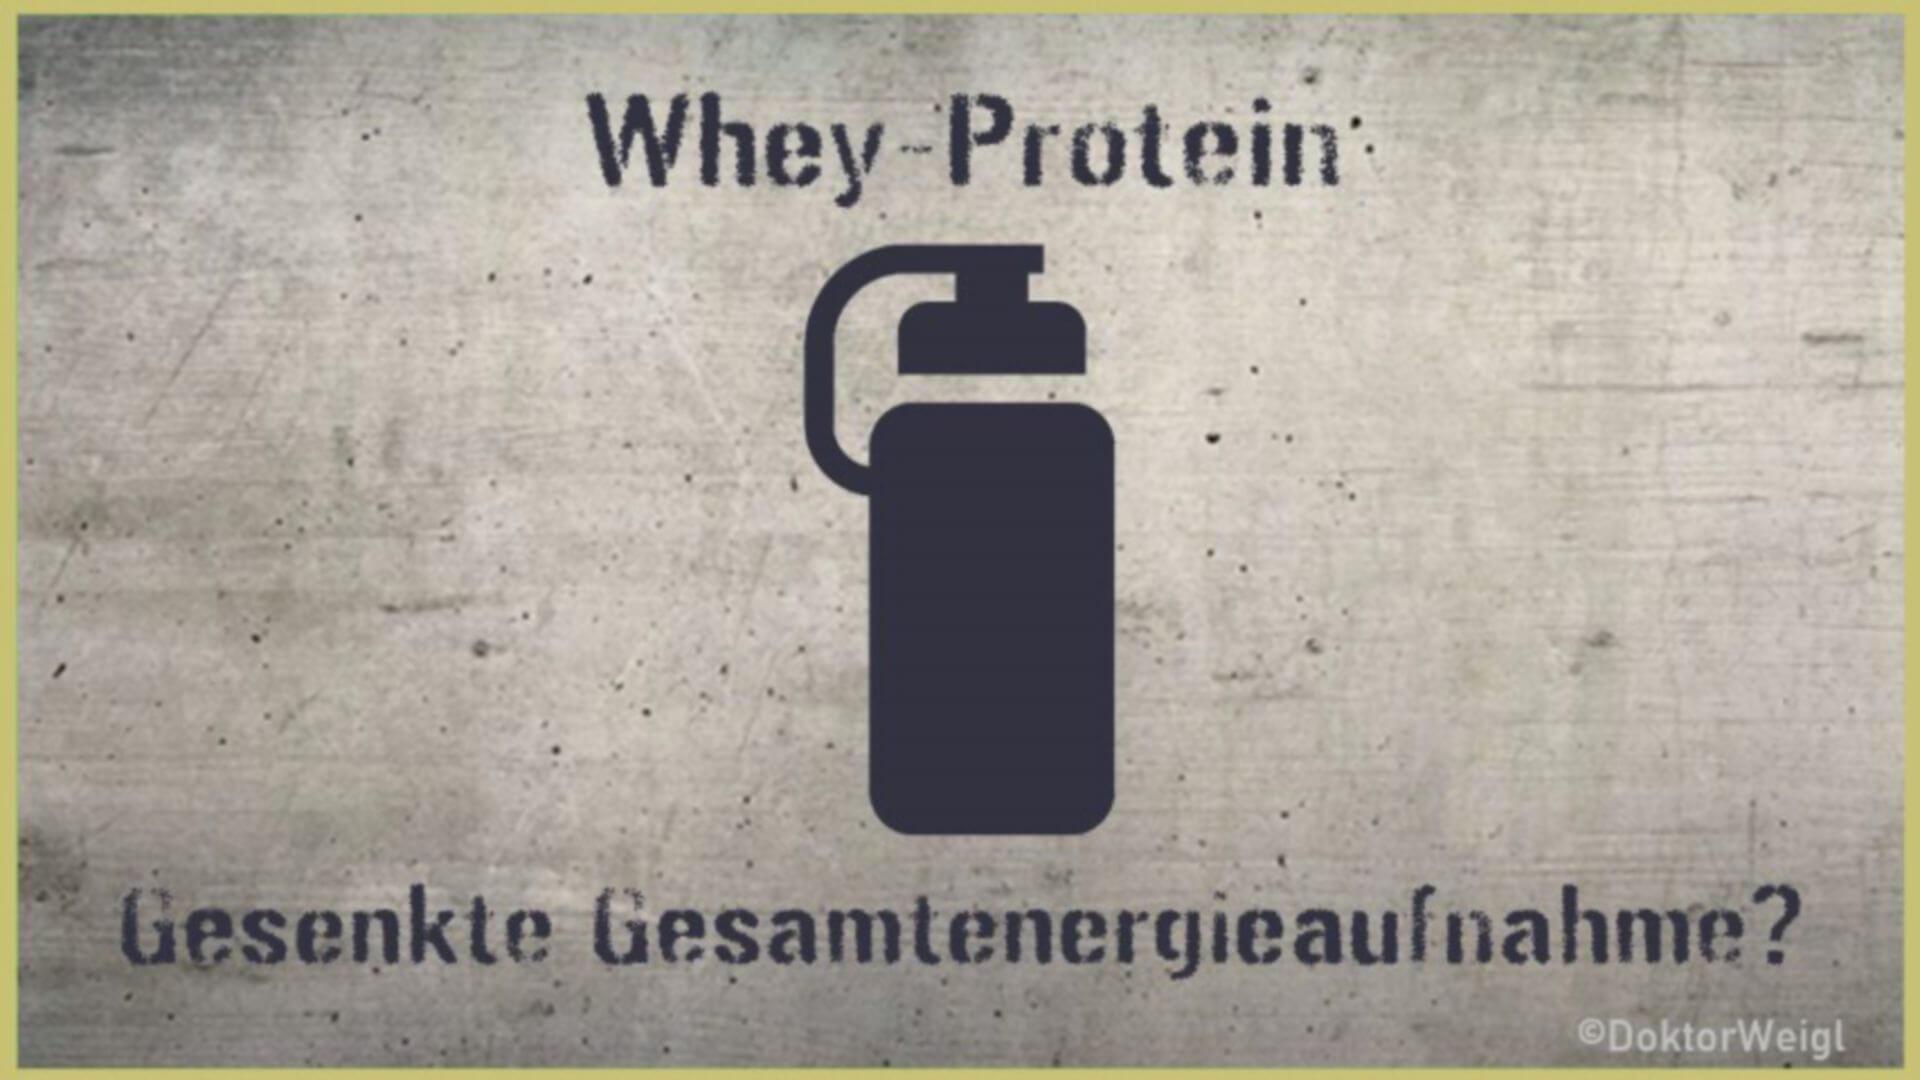 Senkt Whey-Protein die Gesamtenergieaufnahme über den Tag?